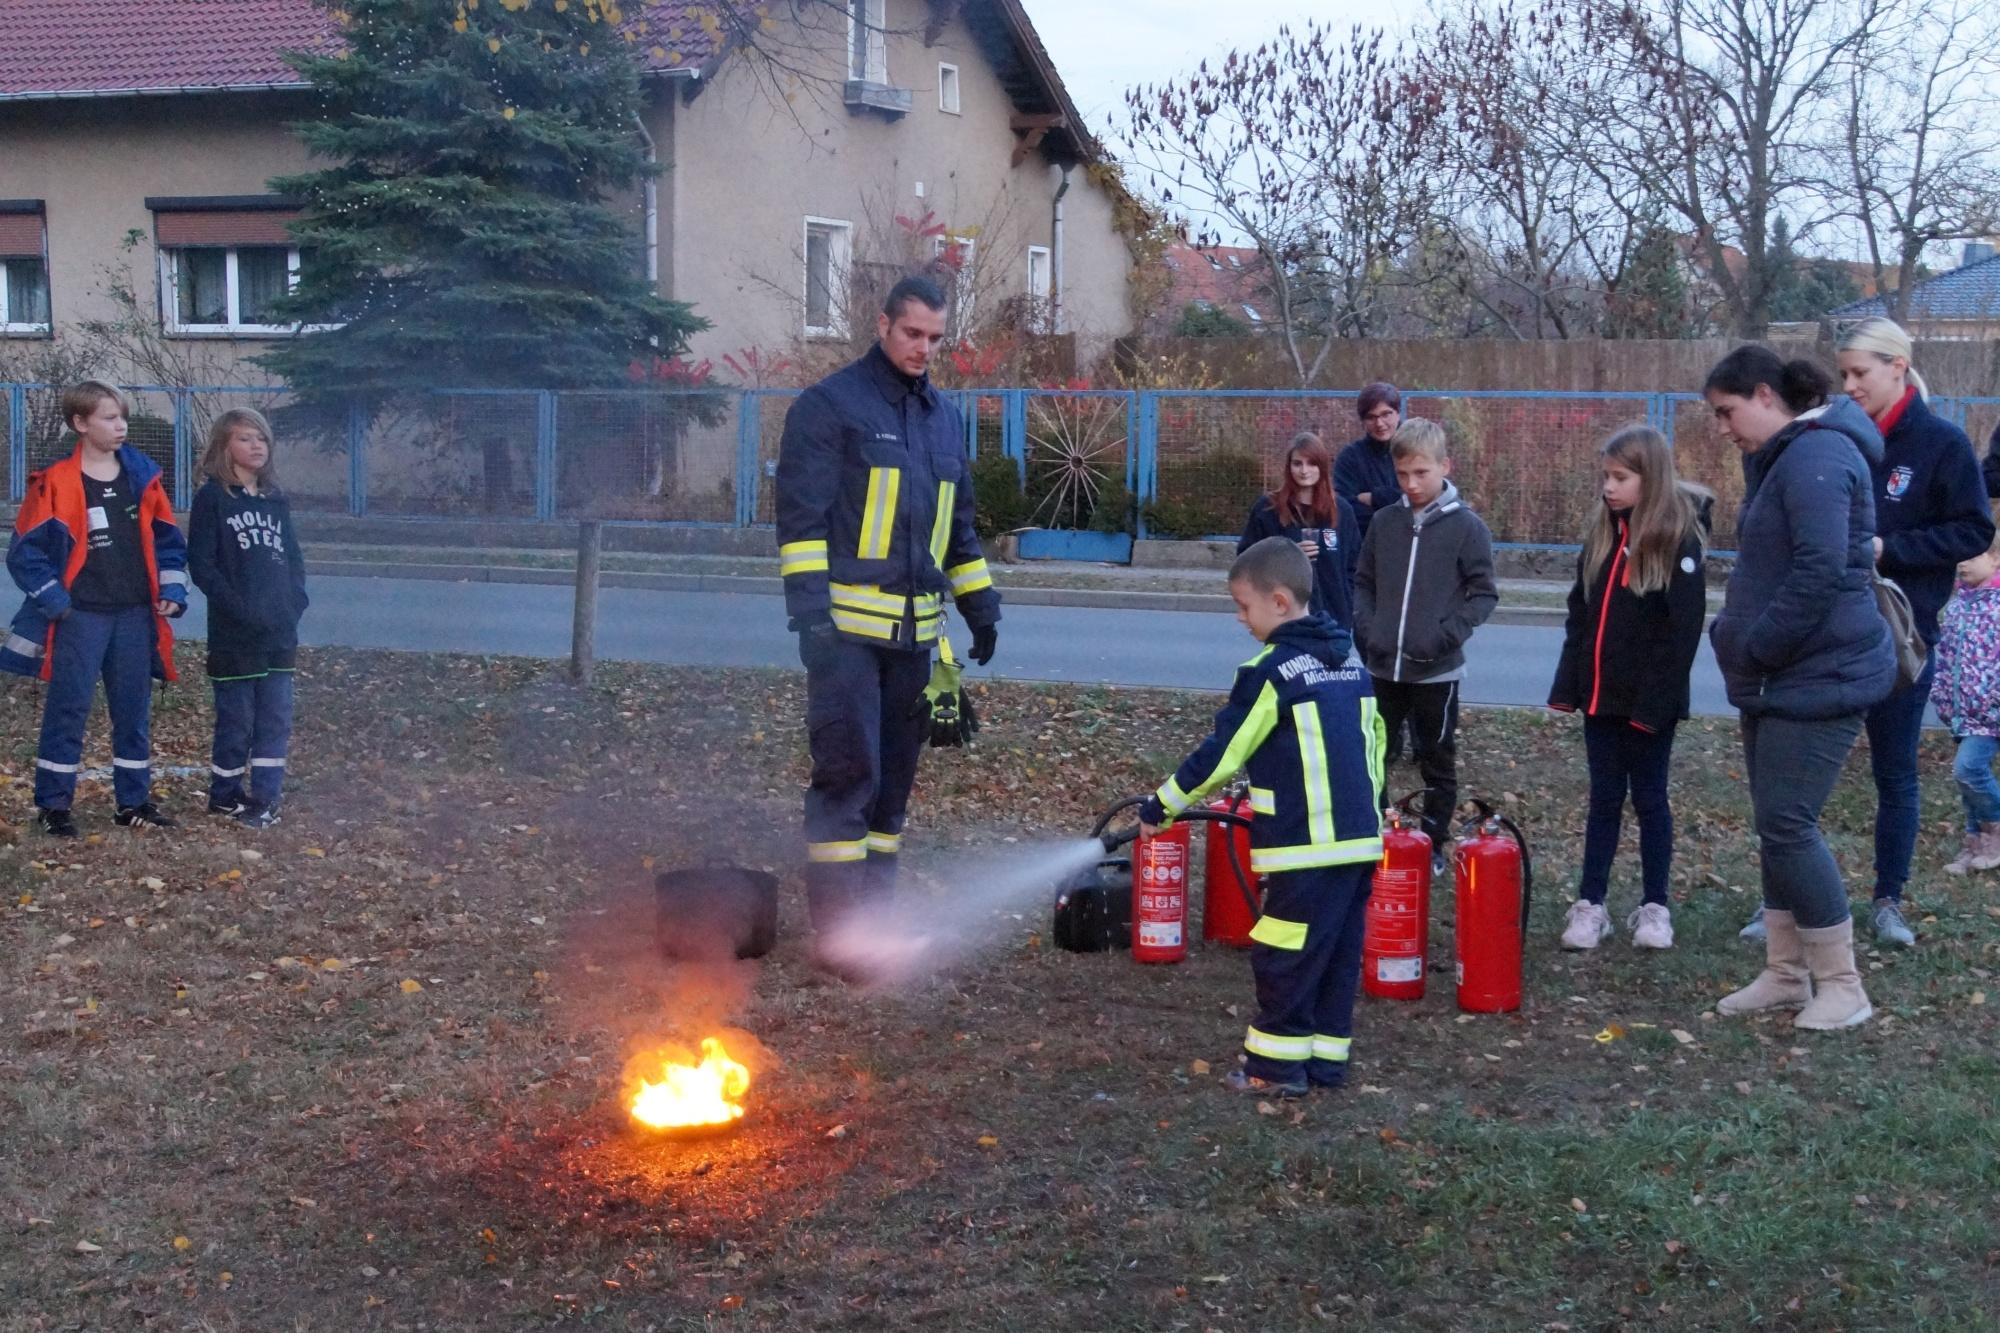 Feuerwehr_Tag_der_offenen_Tür_2018_42